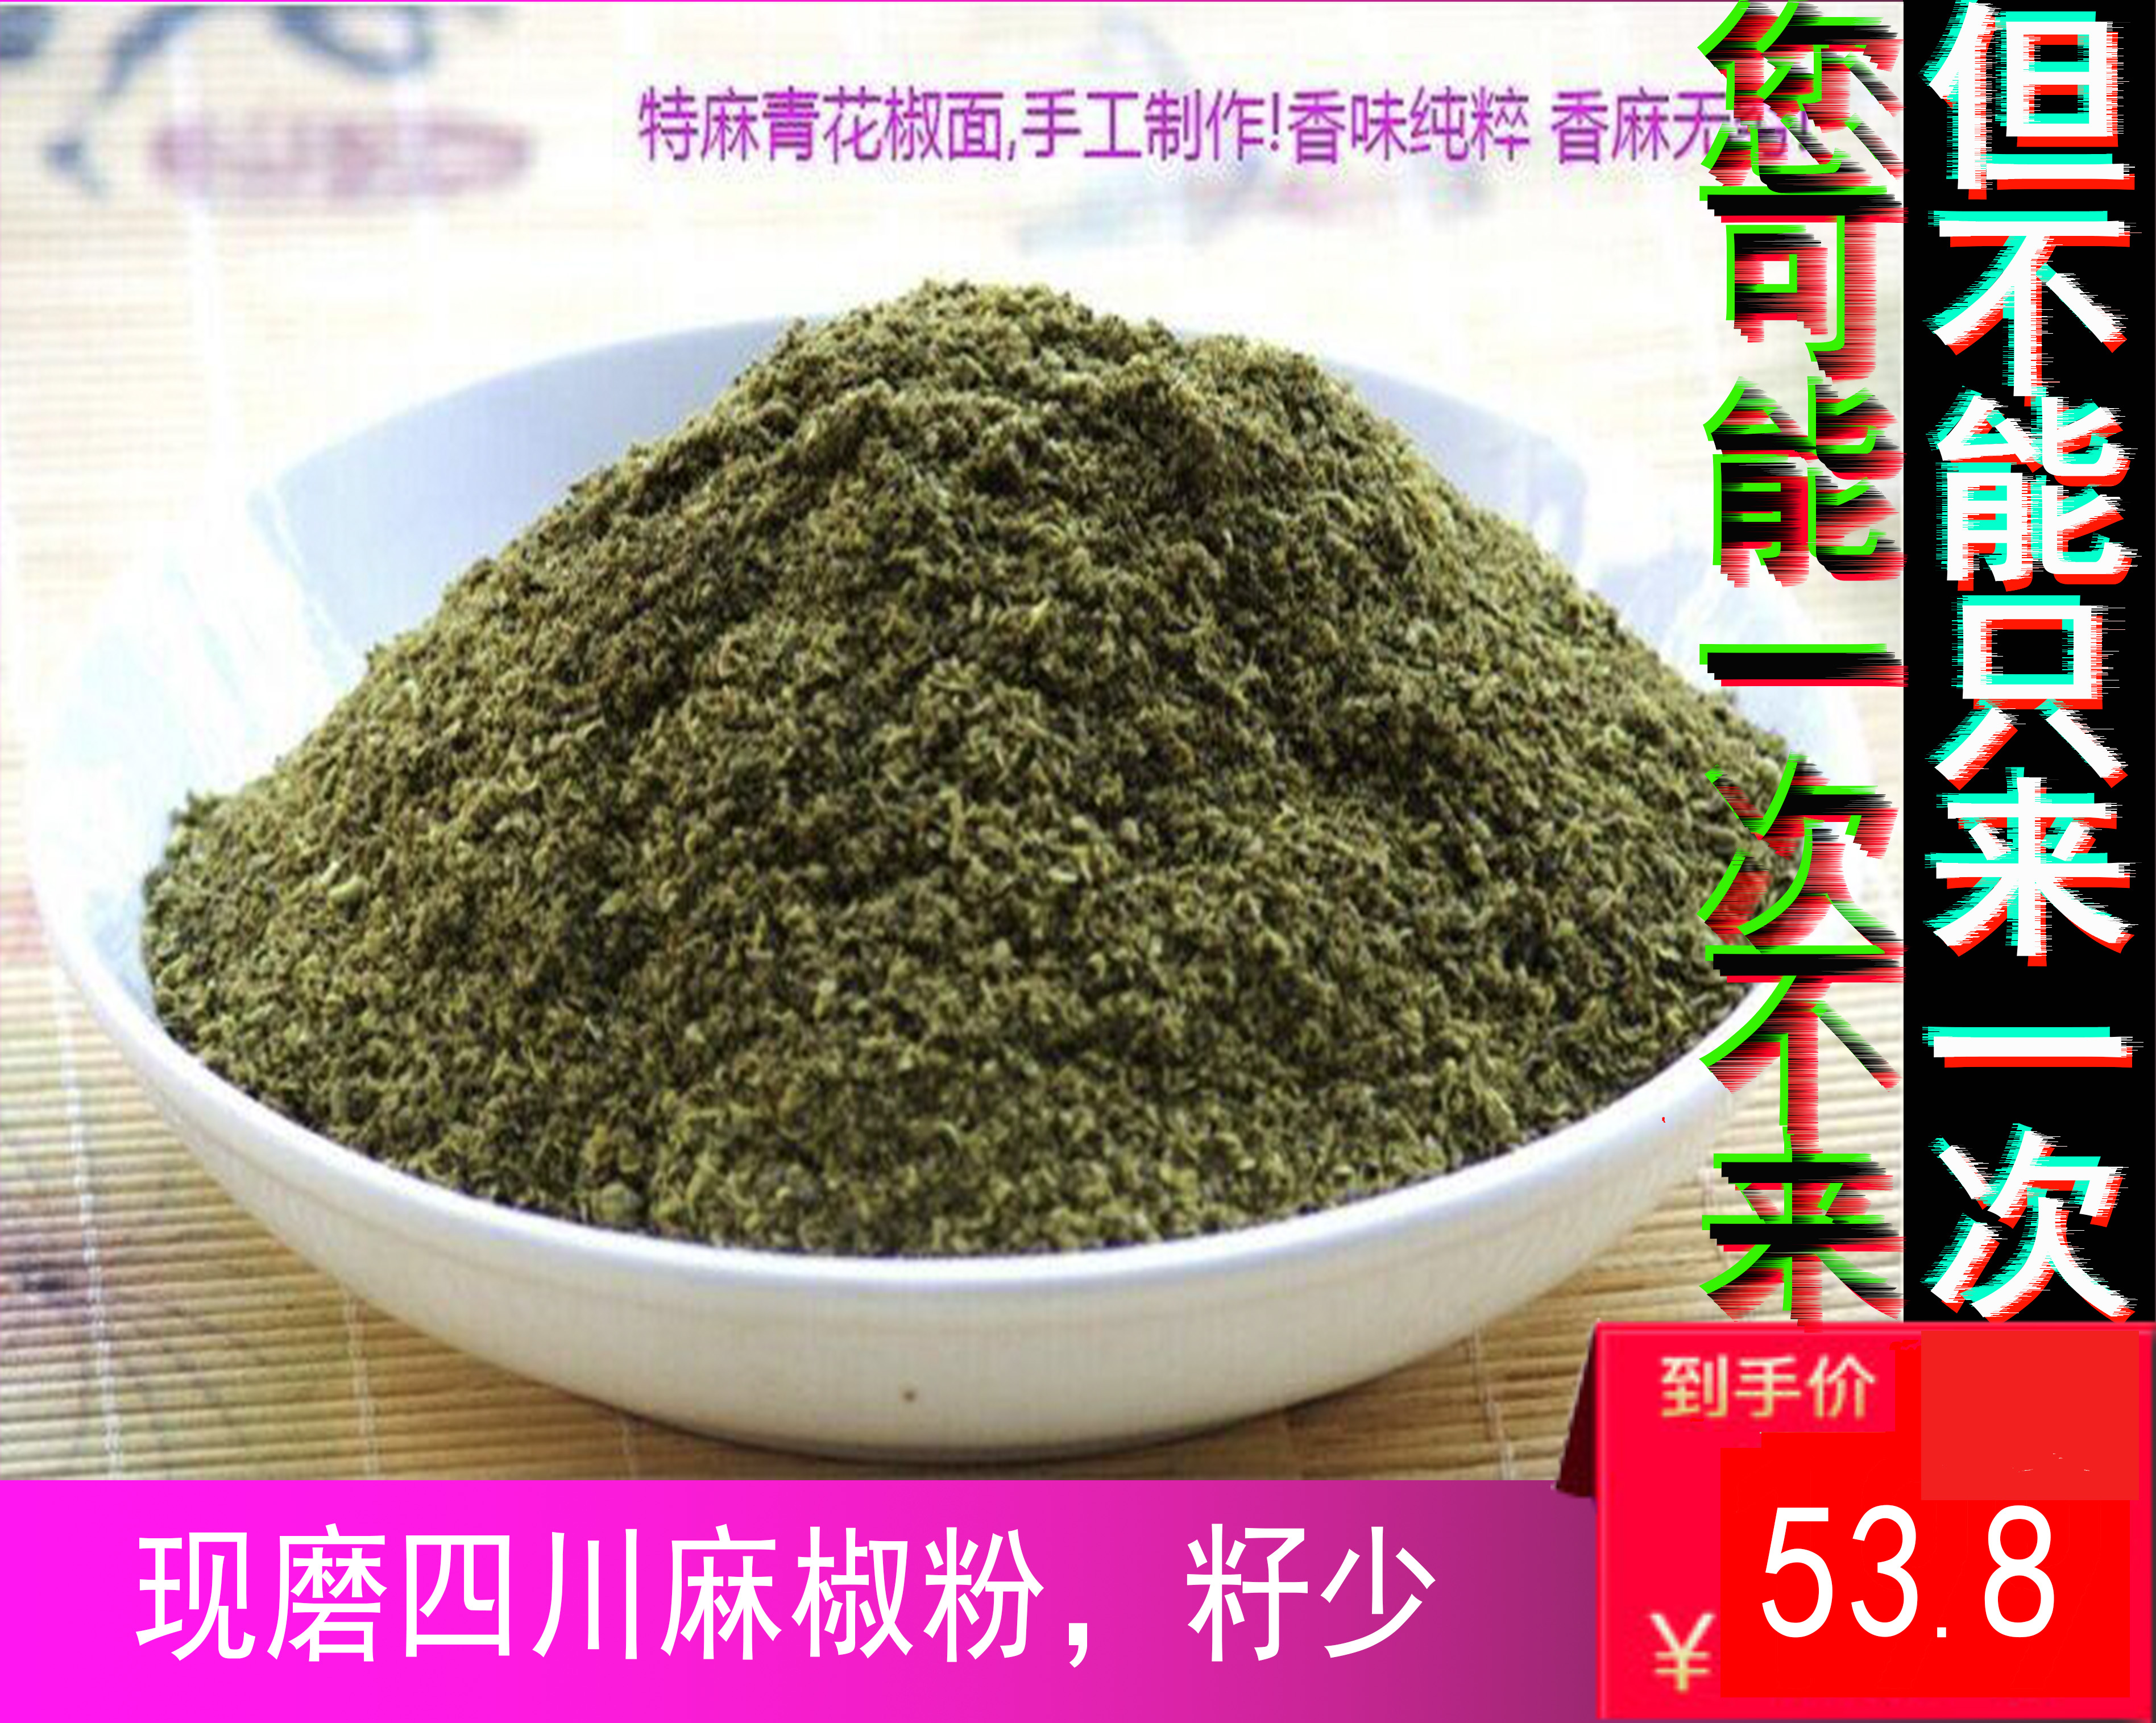 四川特产麻椒特麻500g散装 新鲜特级青麻椒 重庆食用正宗干青花椒